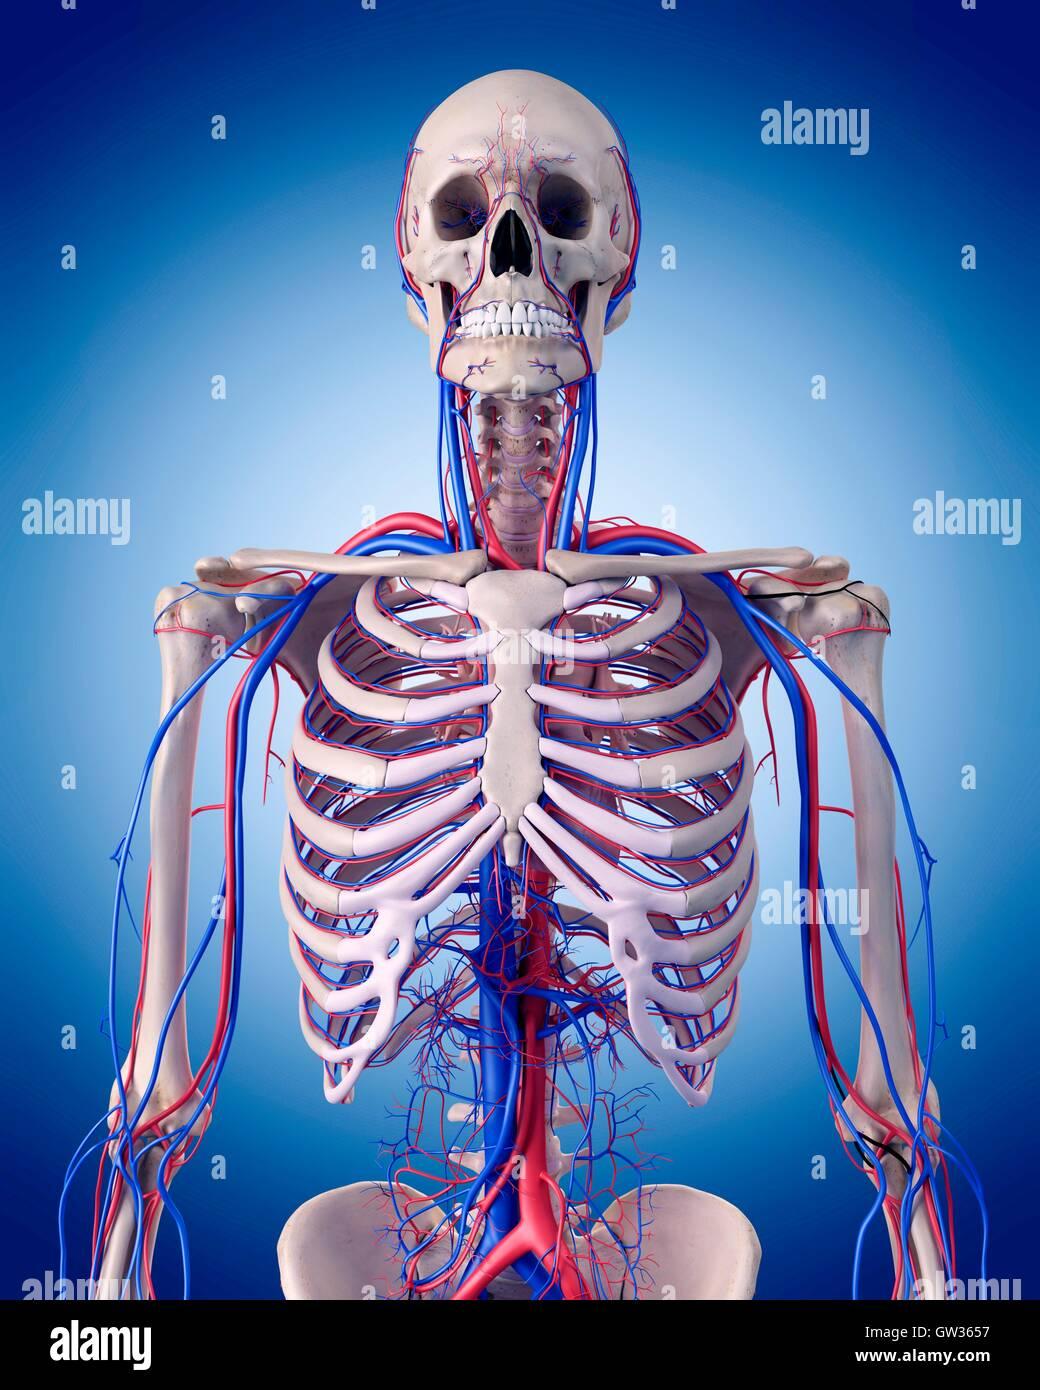 Menschliche Gefäßsystem des Thorax, Abbildung Stockfoto, Bild ...